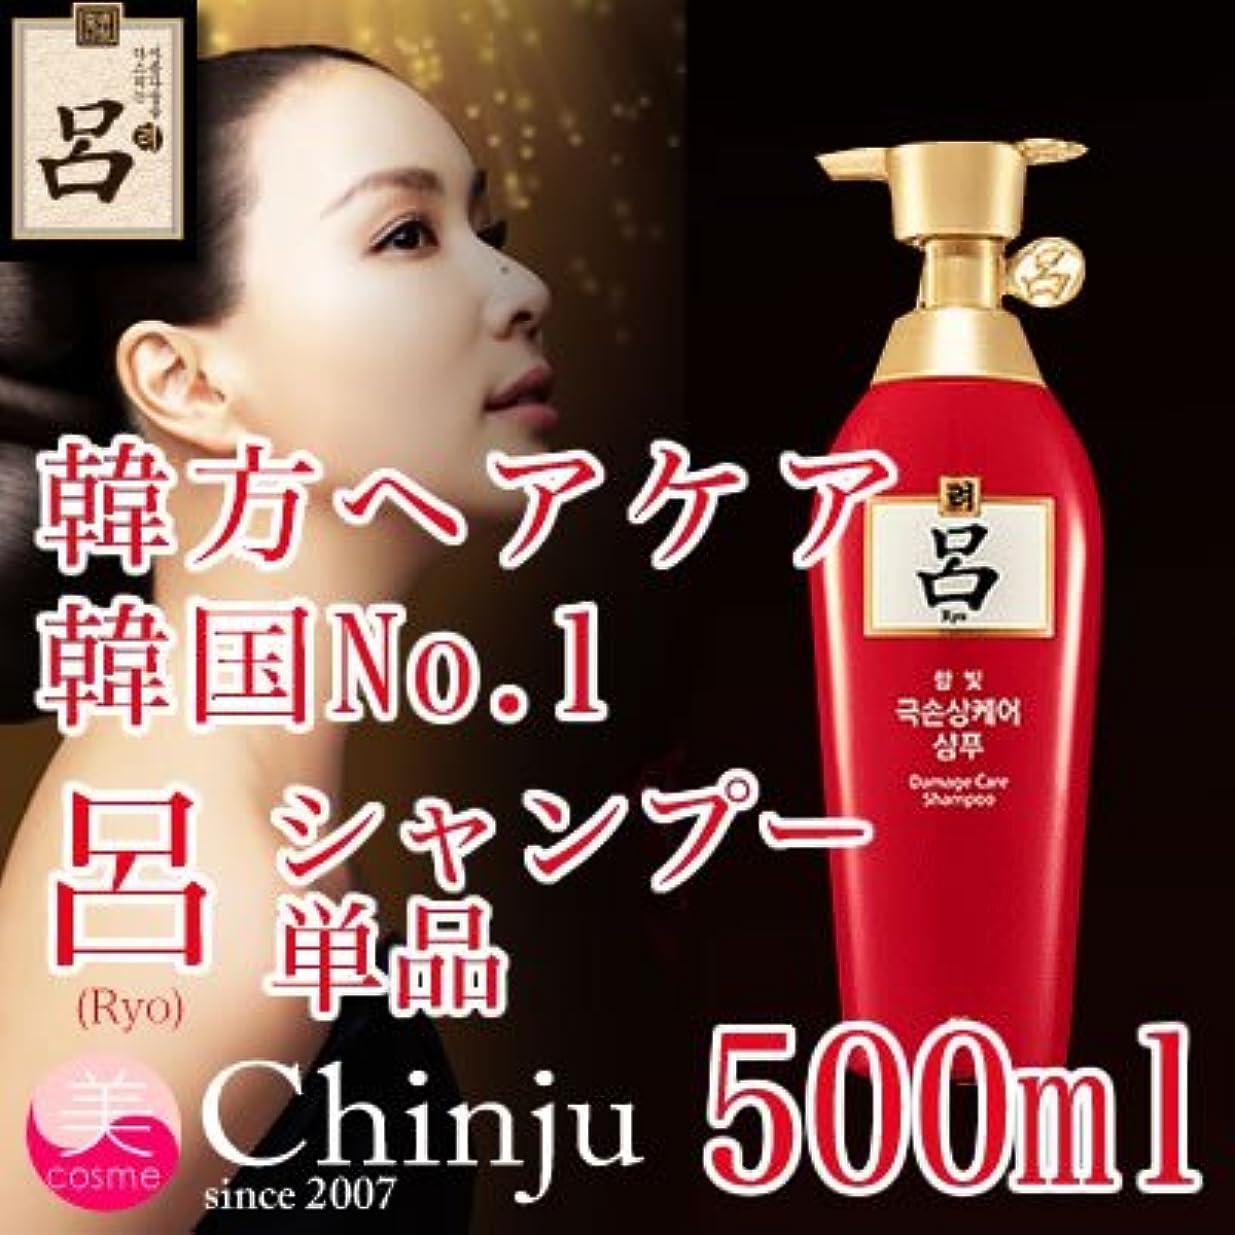 退屈な奇妙なシンジケート呂 リョ ヘアケア シャンプー単品 500ml